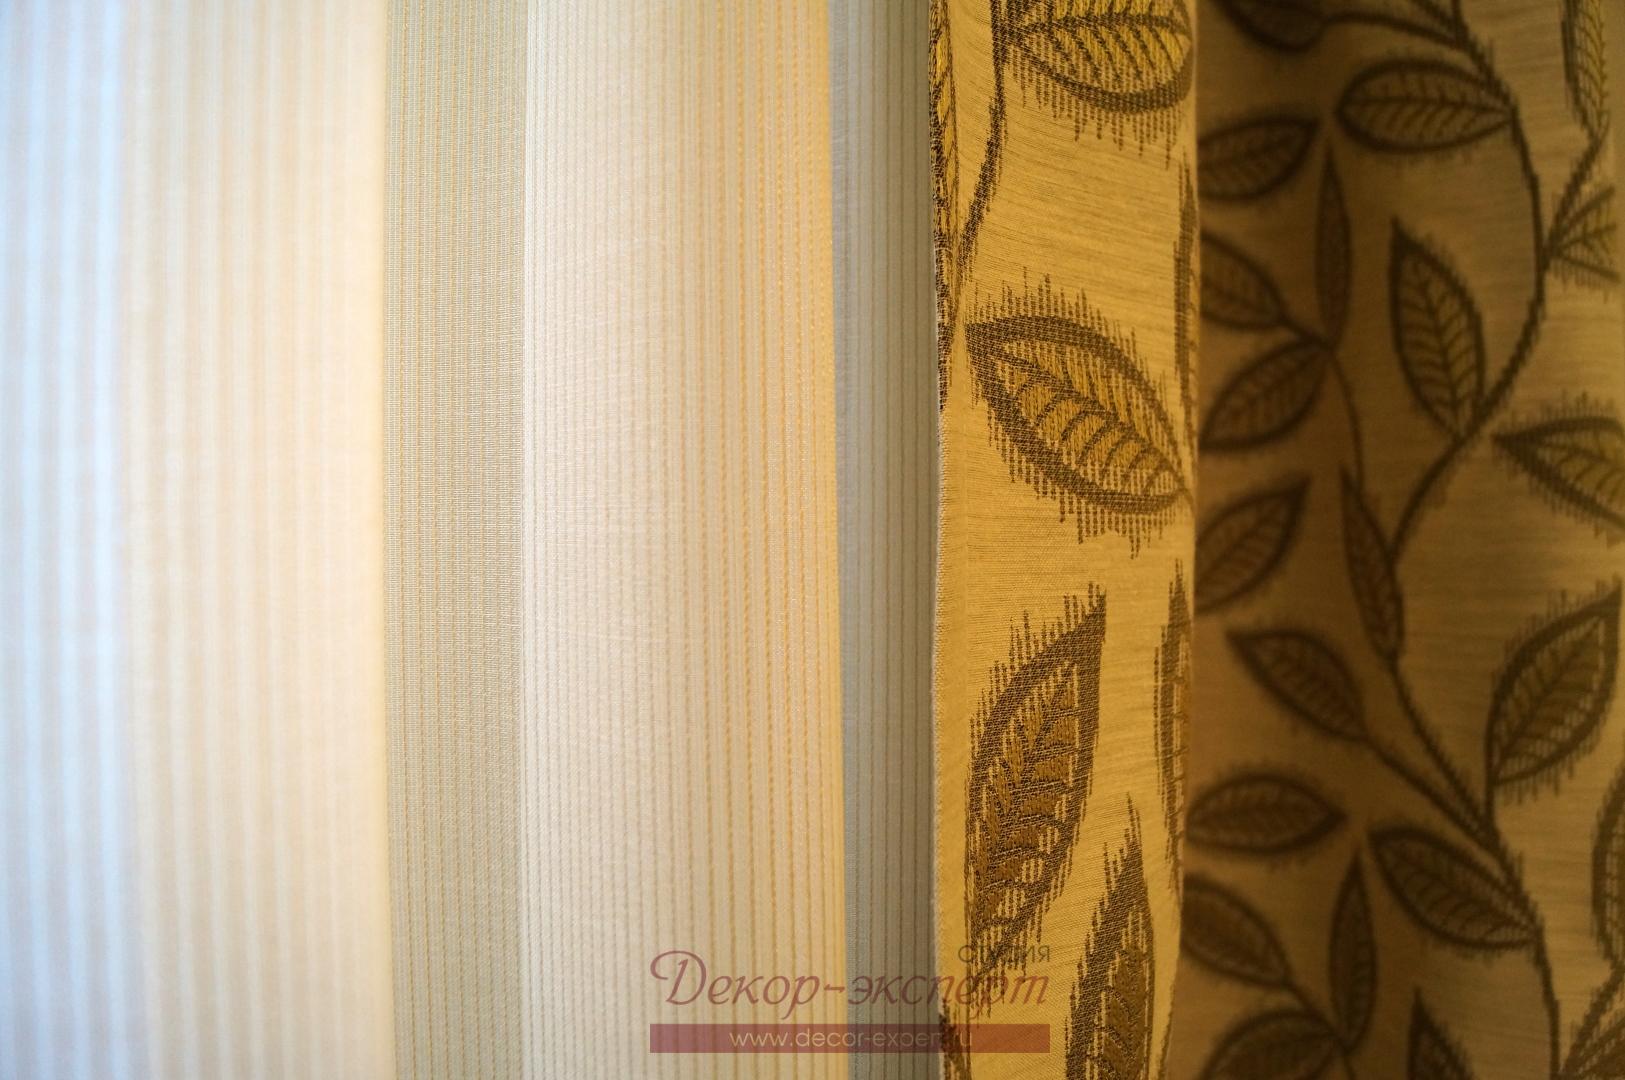 Портьерная ткань со стилизованным  жаккардовым узором листвы и мягкий тюль светлого оливкового оттенка и мелкой полоской.